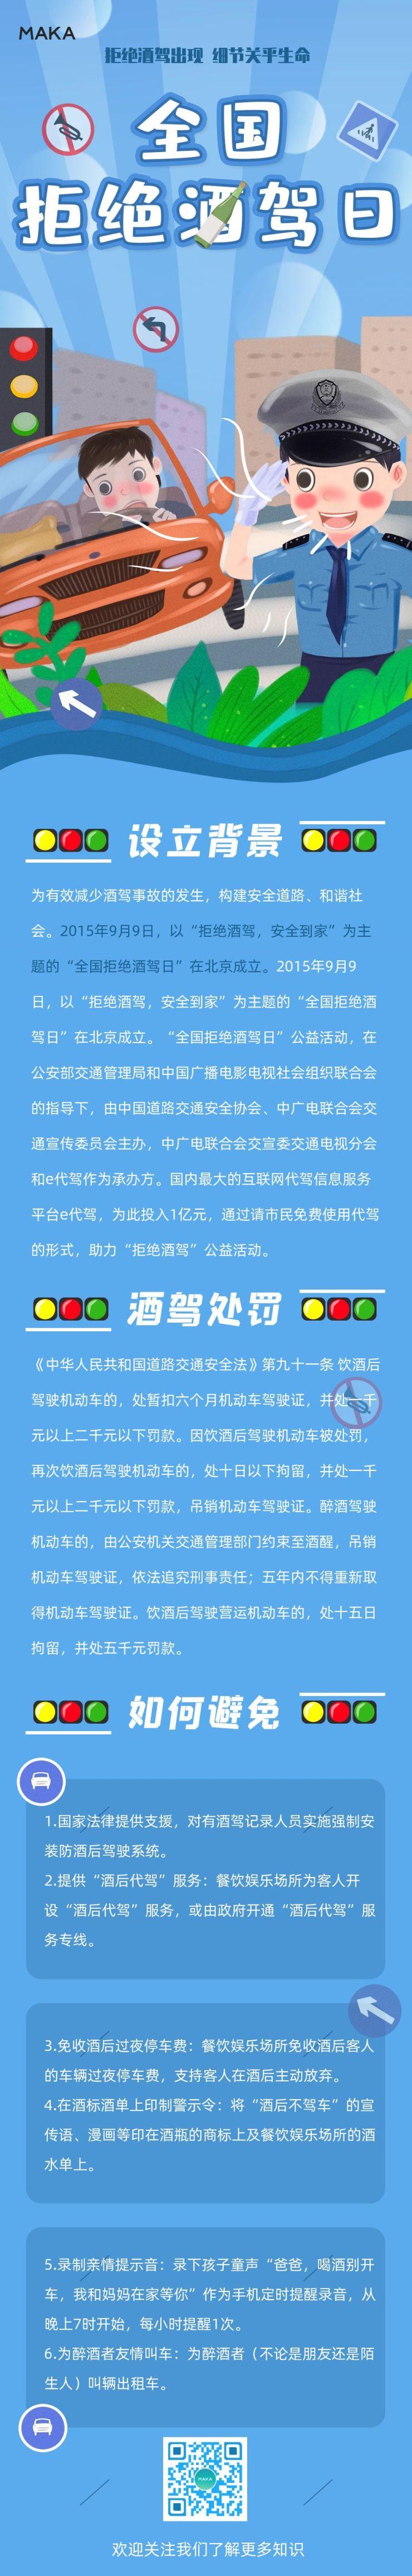 蓝色简约全国拒绝酒驾日公益宣传海报